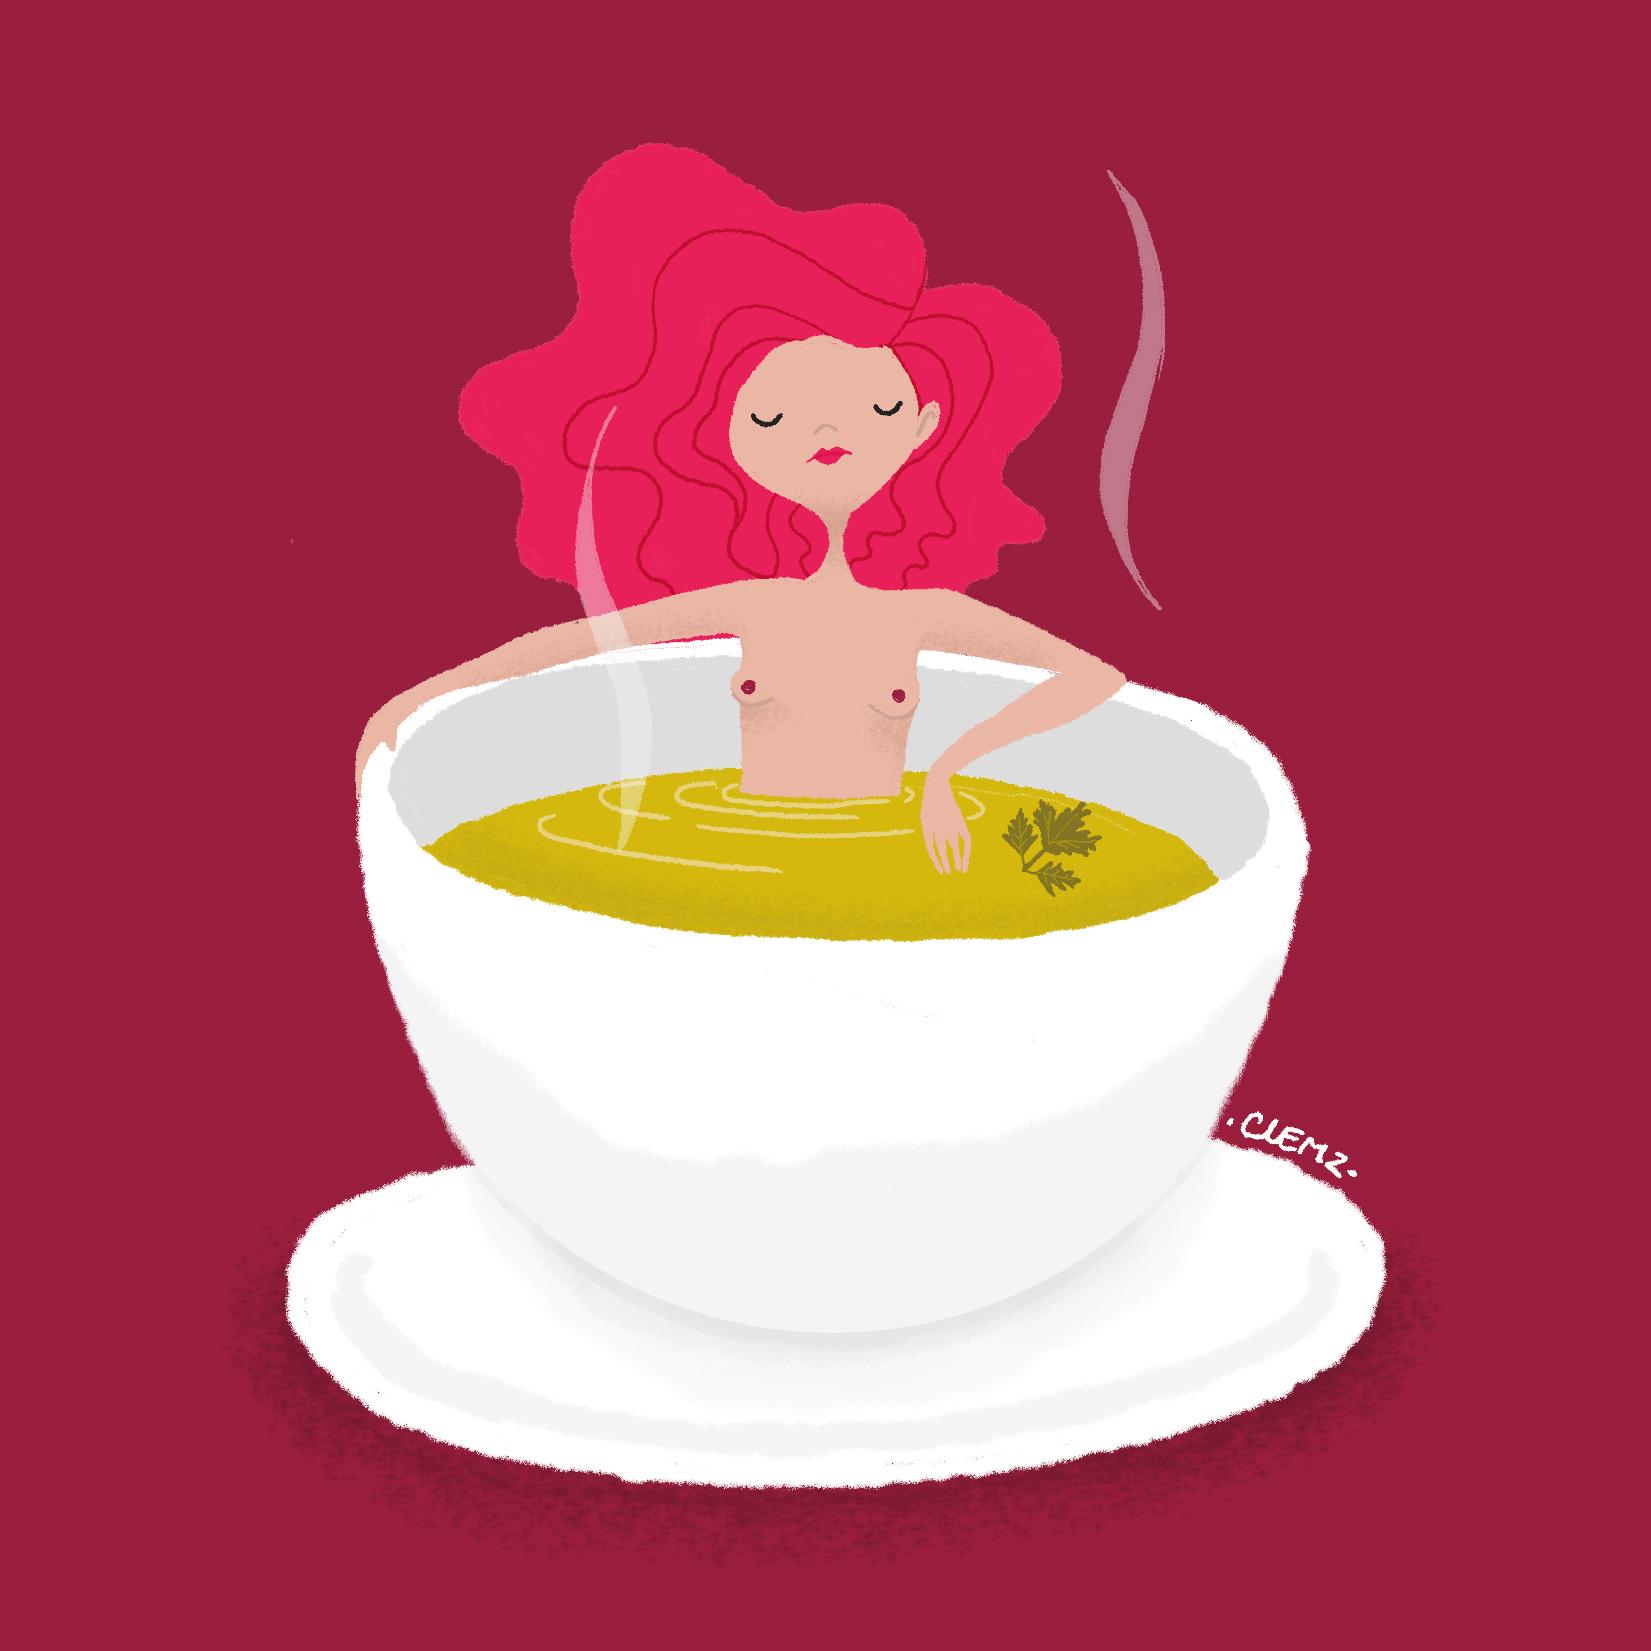 illustration soupe - lyon - paris - france